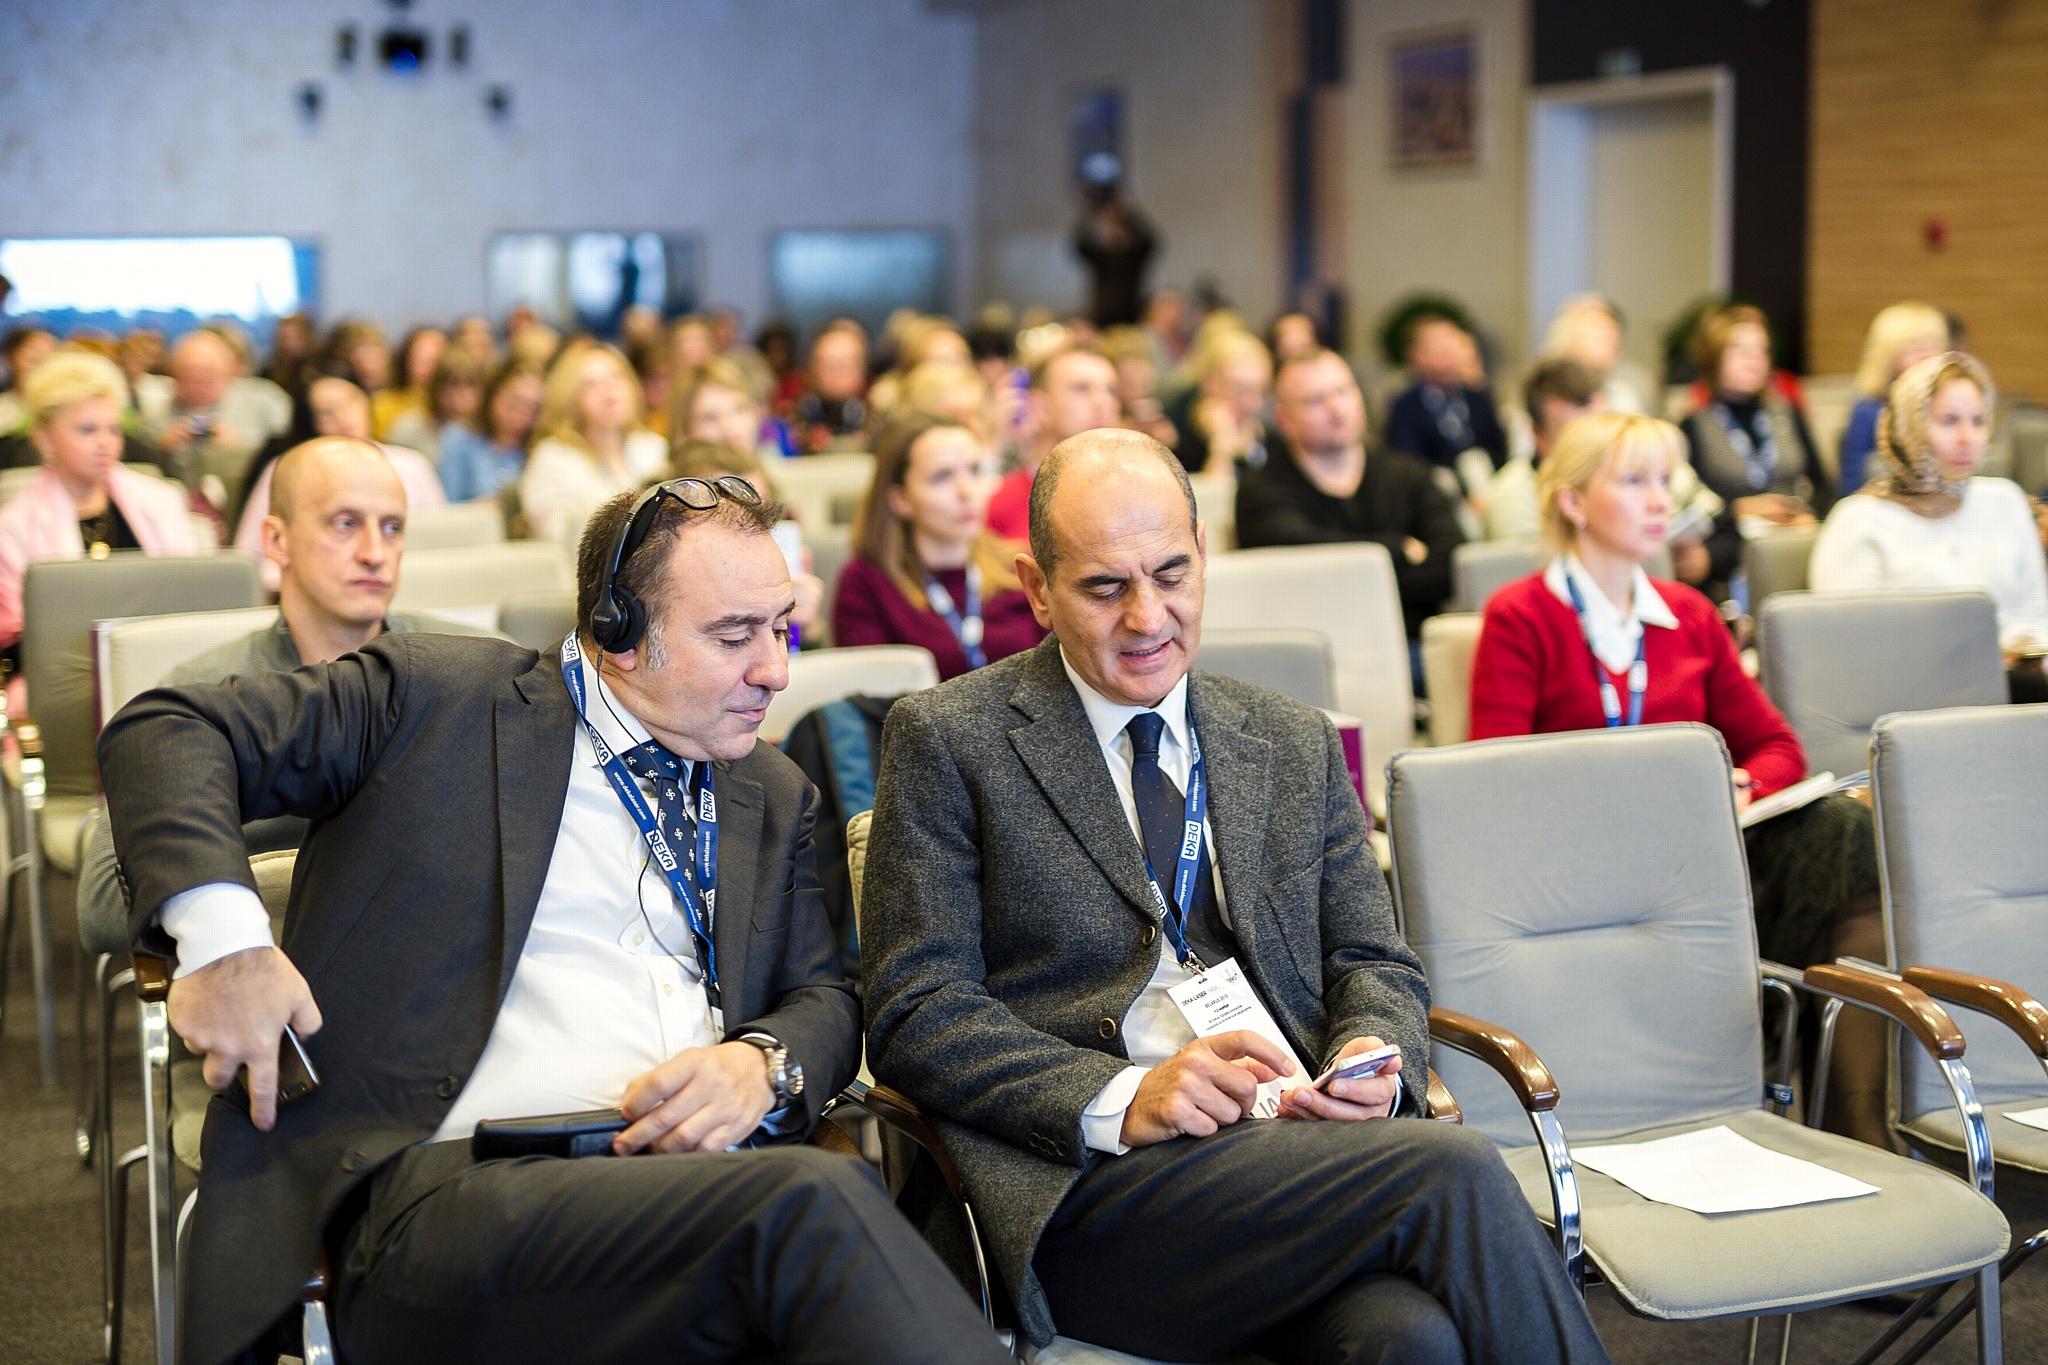 Итоги международного симпозиума профессионалов эстетической медицины Deka Laser Prof Meeting 2018